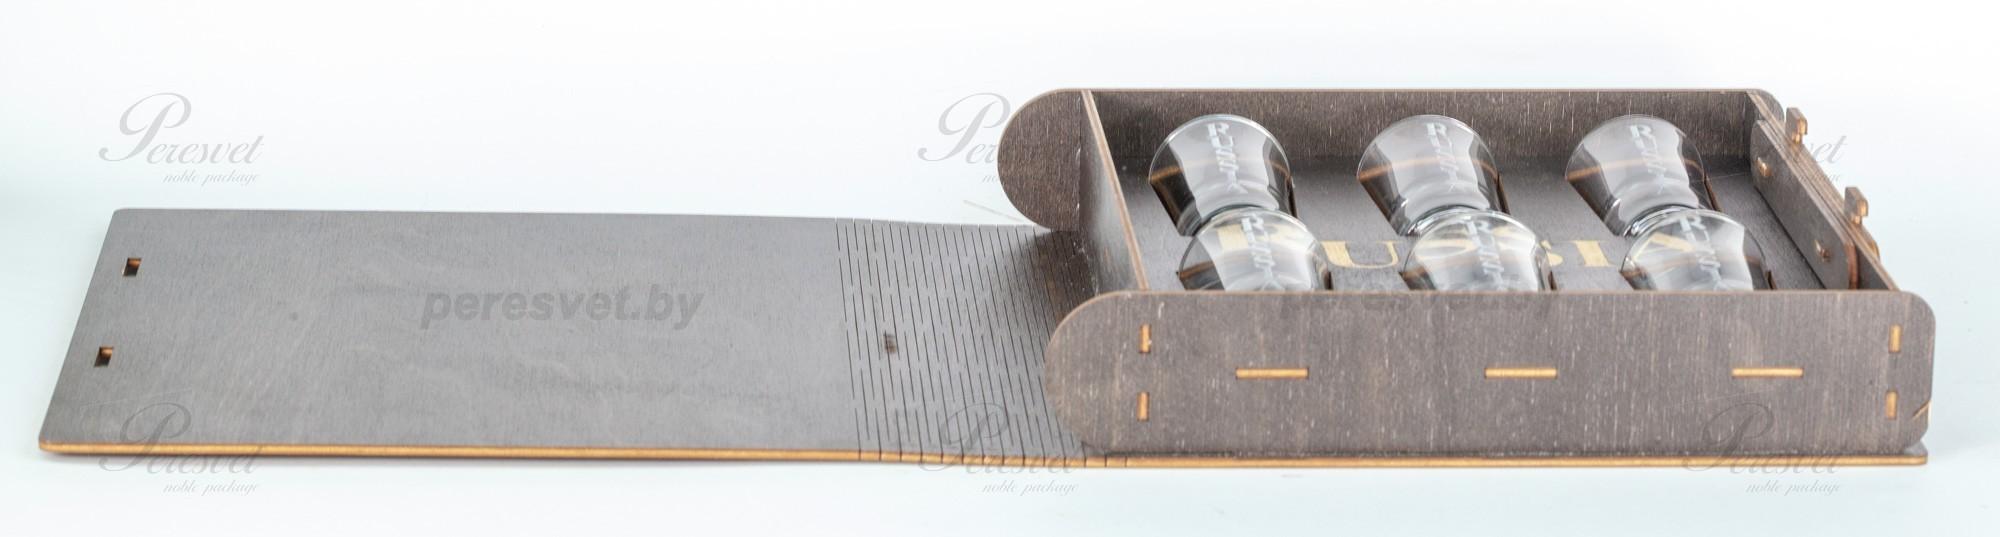 Рюмки подарочные RUSSIA в деревянной коробке с гербом на peresvet.by